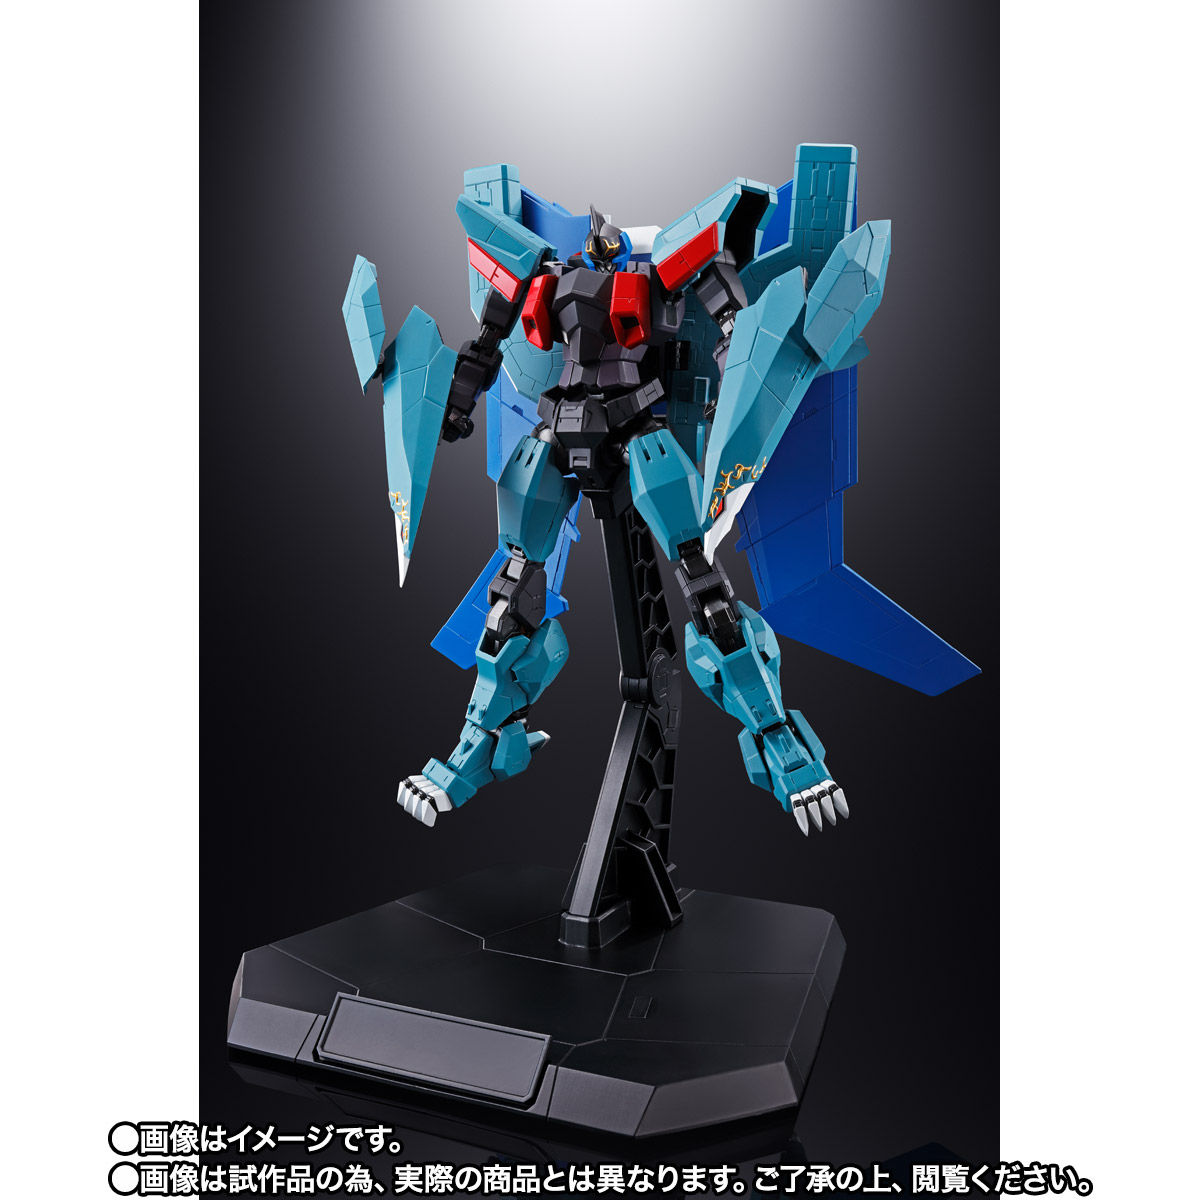 【限定販売】超合金魂 GX-94『ブラックウイング』超獣機神ダンクーガ 可変可動フィギュア-004